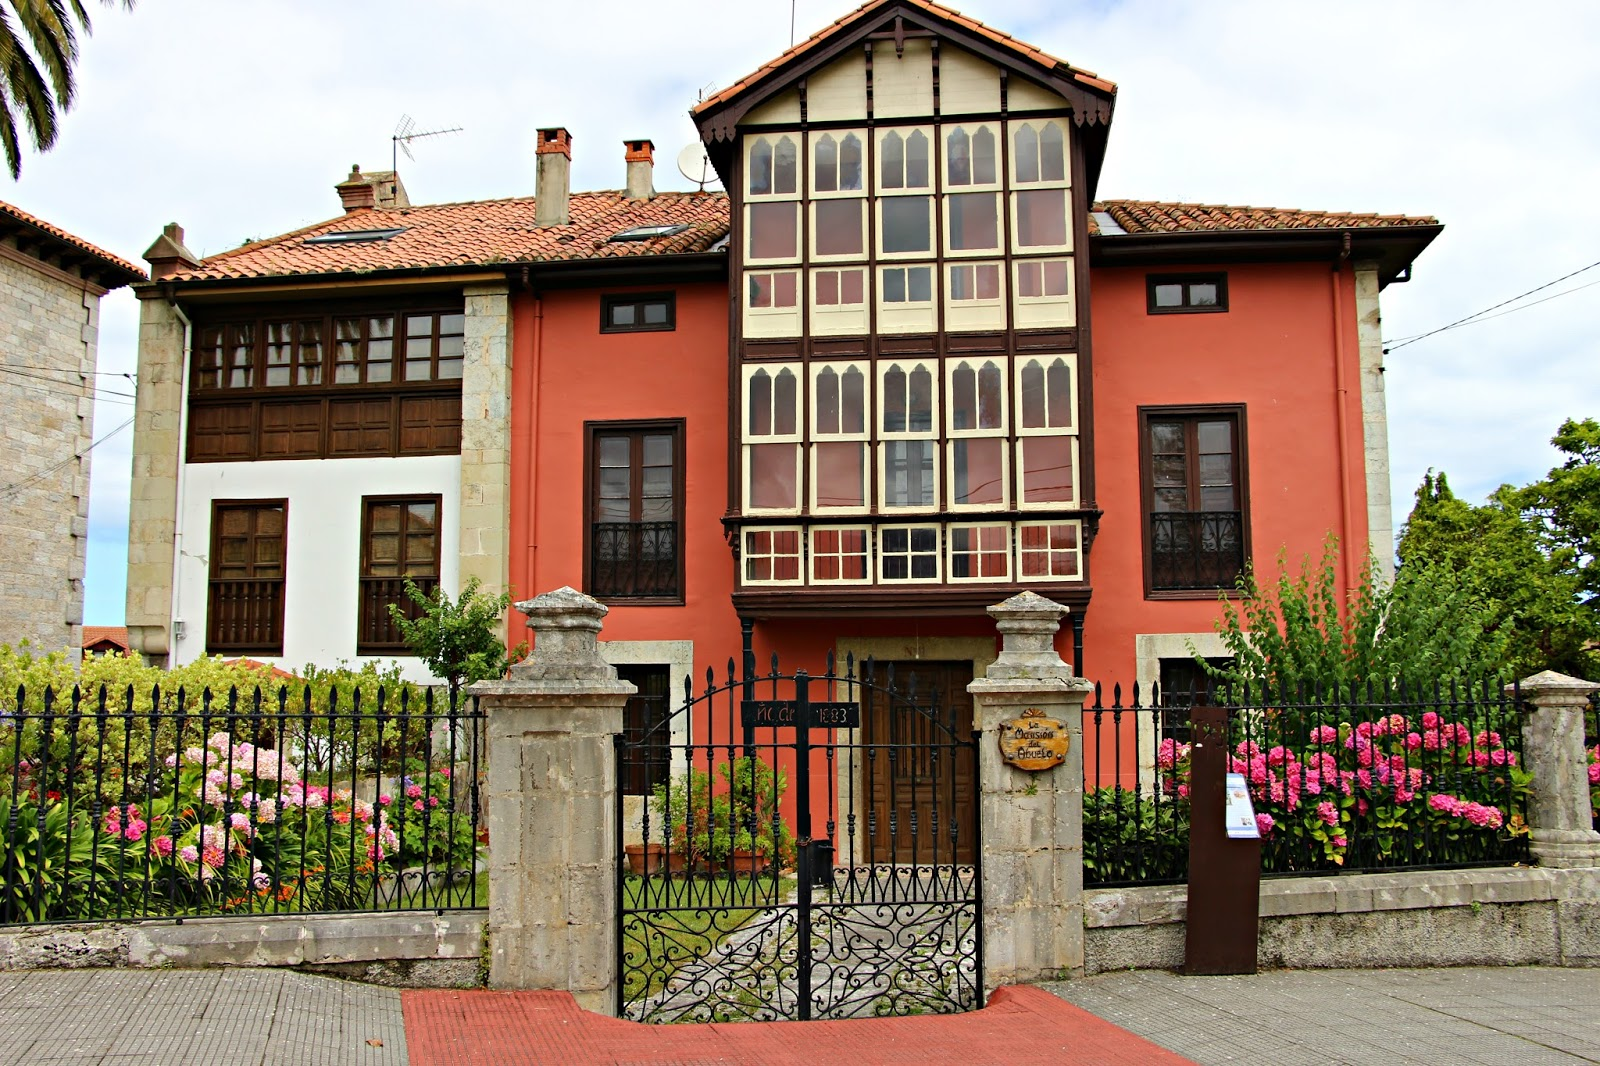 Las im genes que yo veo casas de indianos el lujo en - Casas sostenibles espana ...